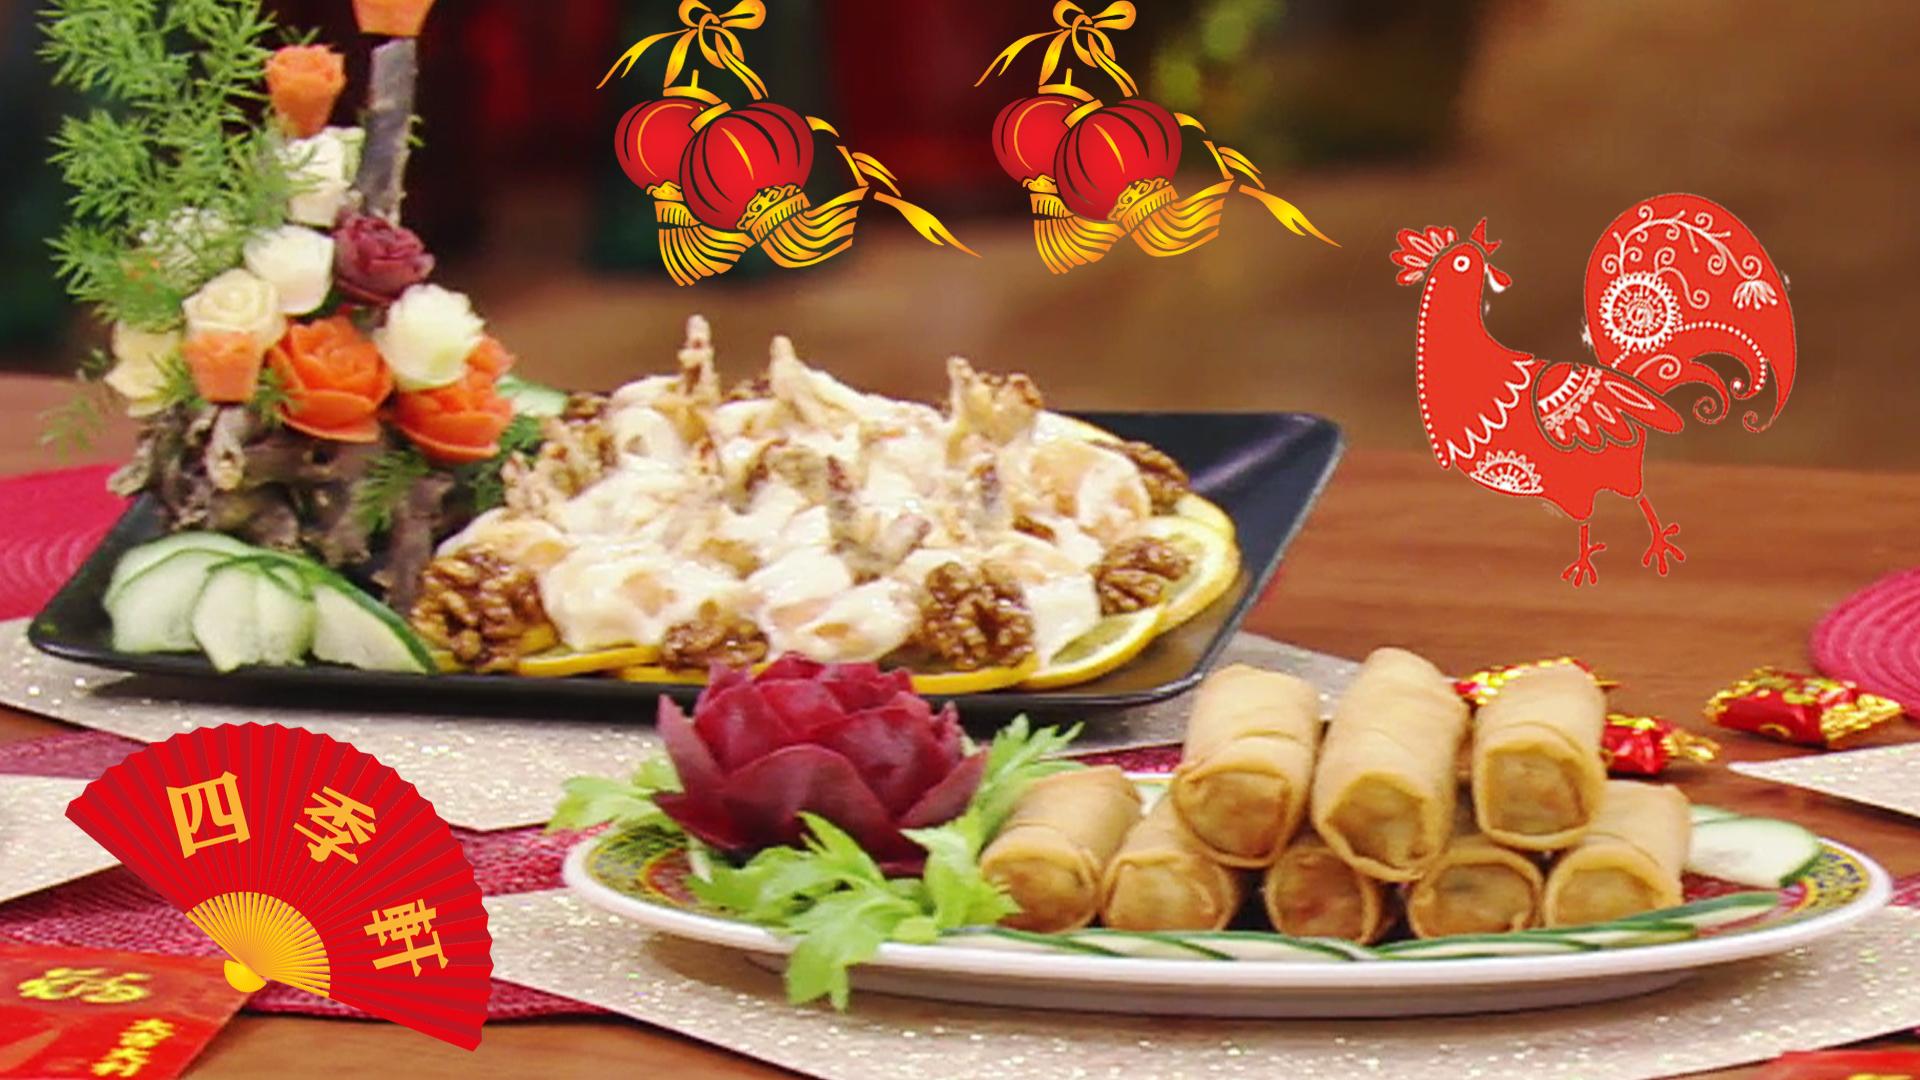 Recibe el Año Nuevo Chino con abundancia y estas recetas típicas ...